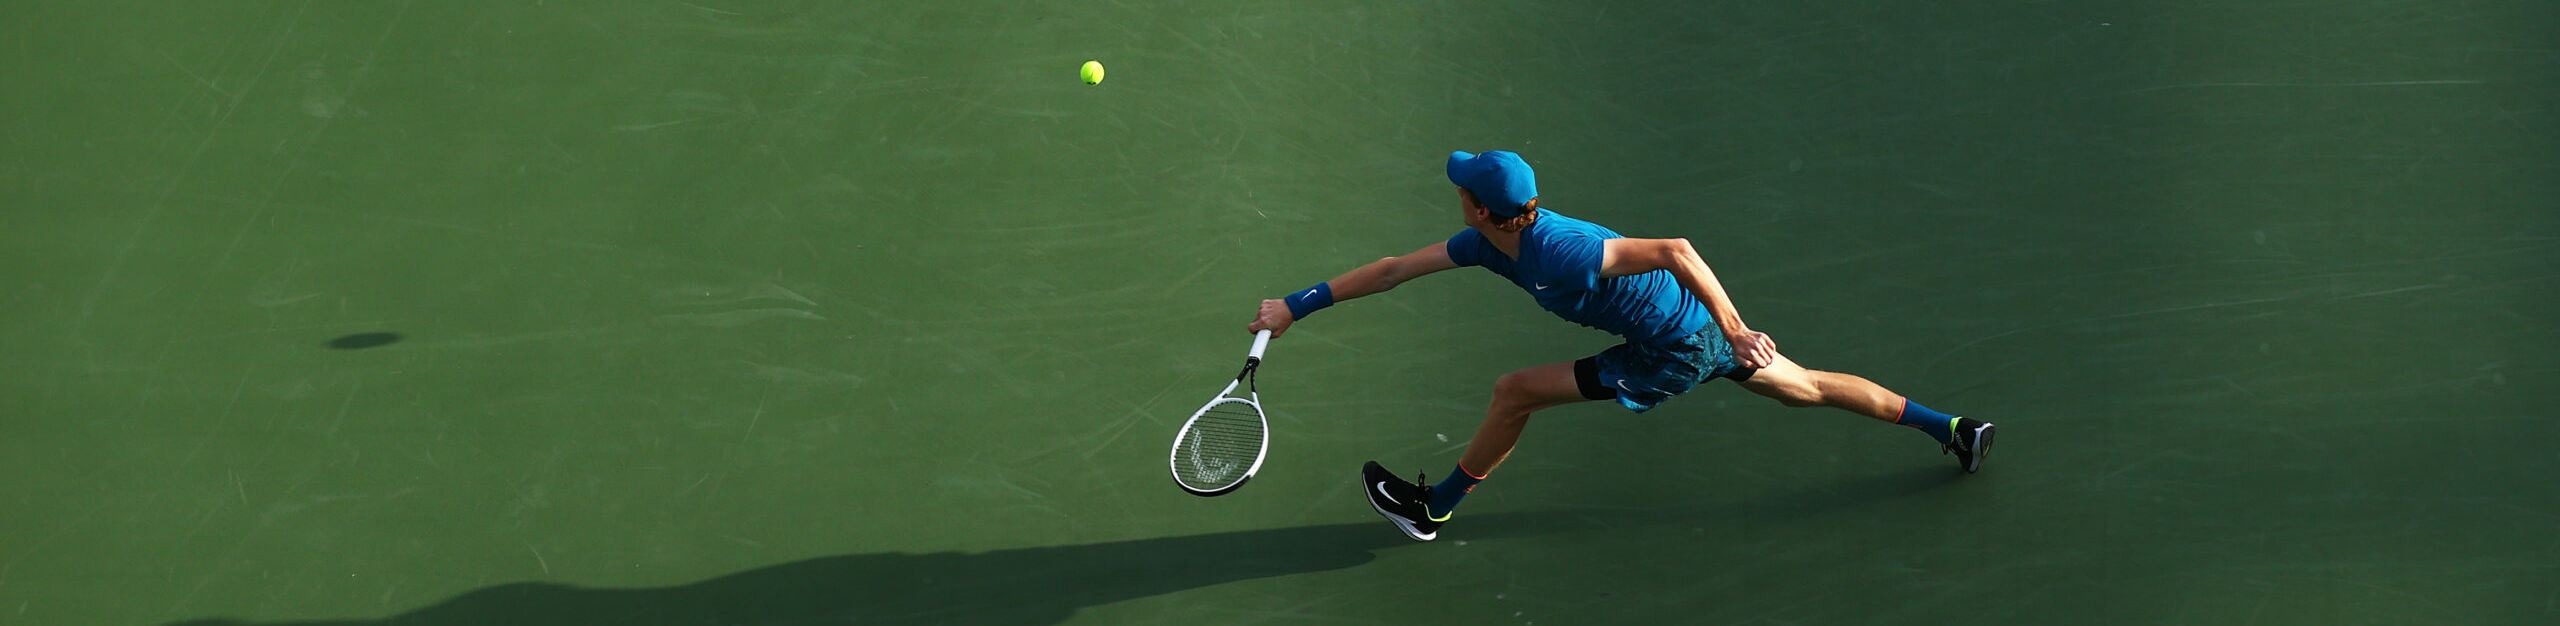 Pronostici Miami Open: scoglio-Tsitsi per Sonego, Sinner favorito con Bublik